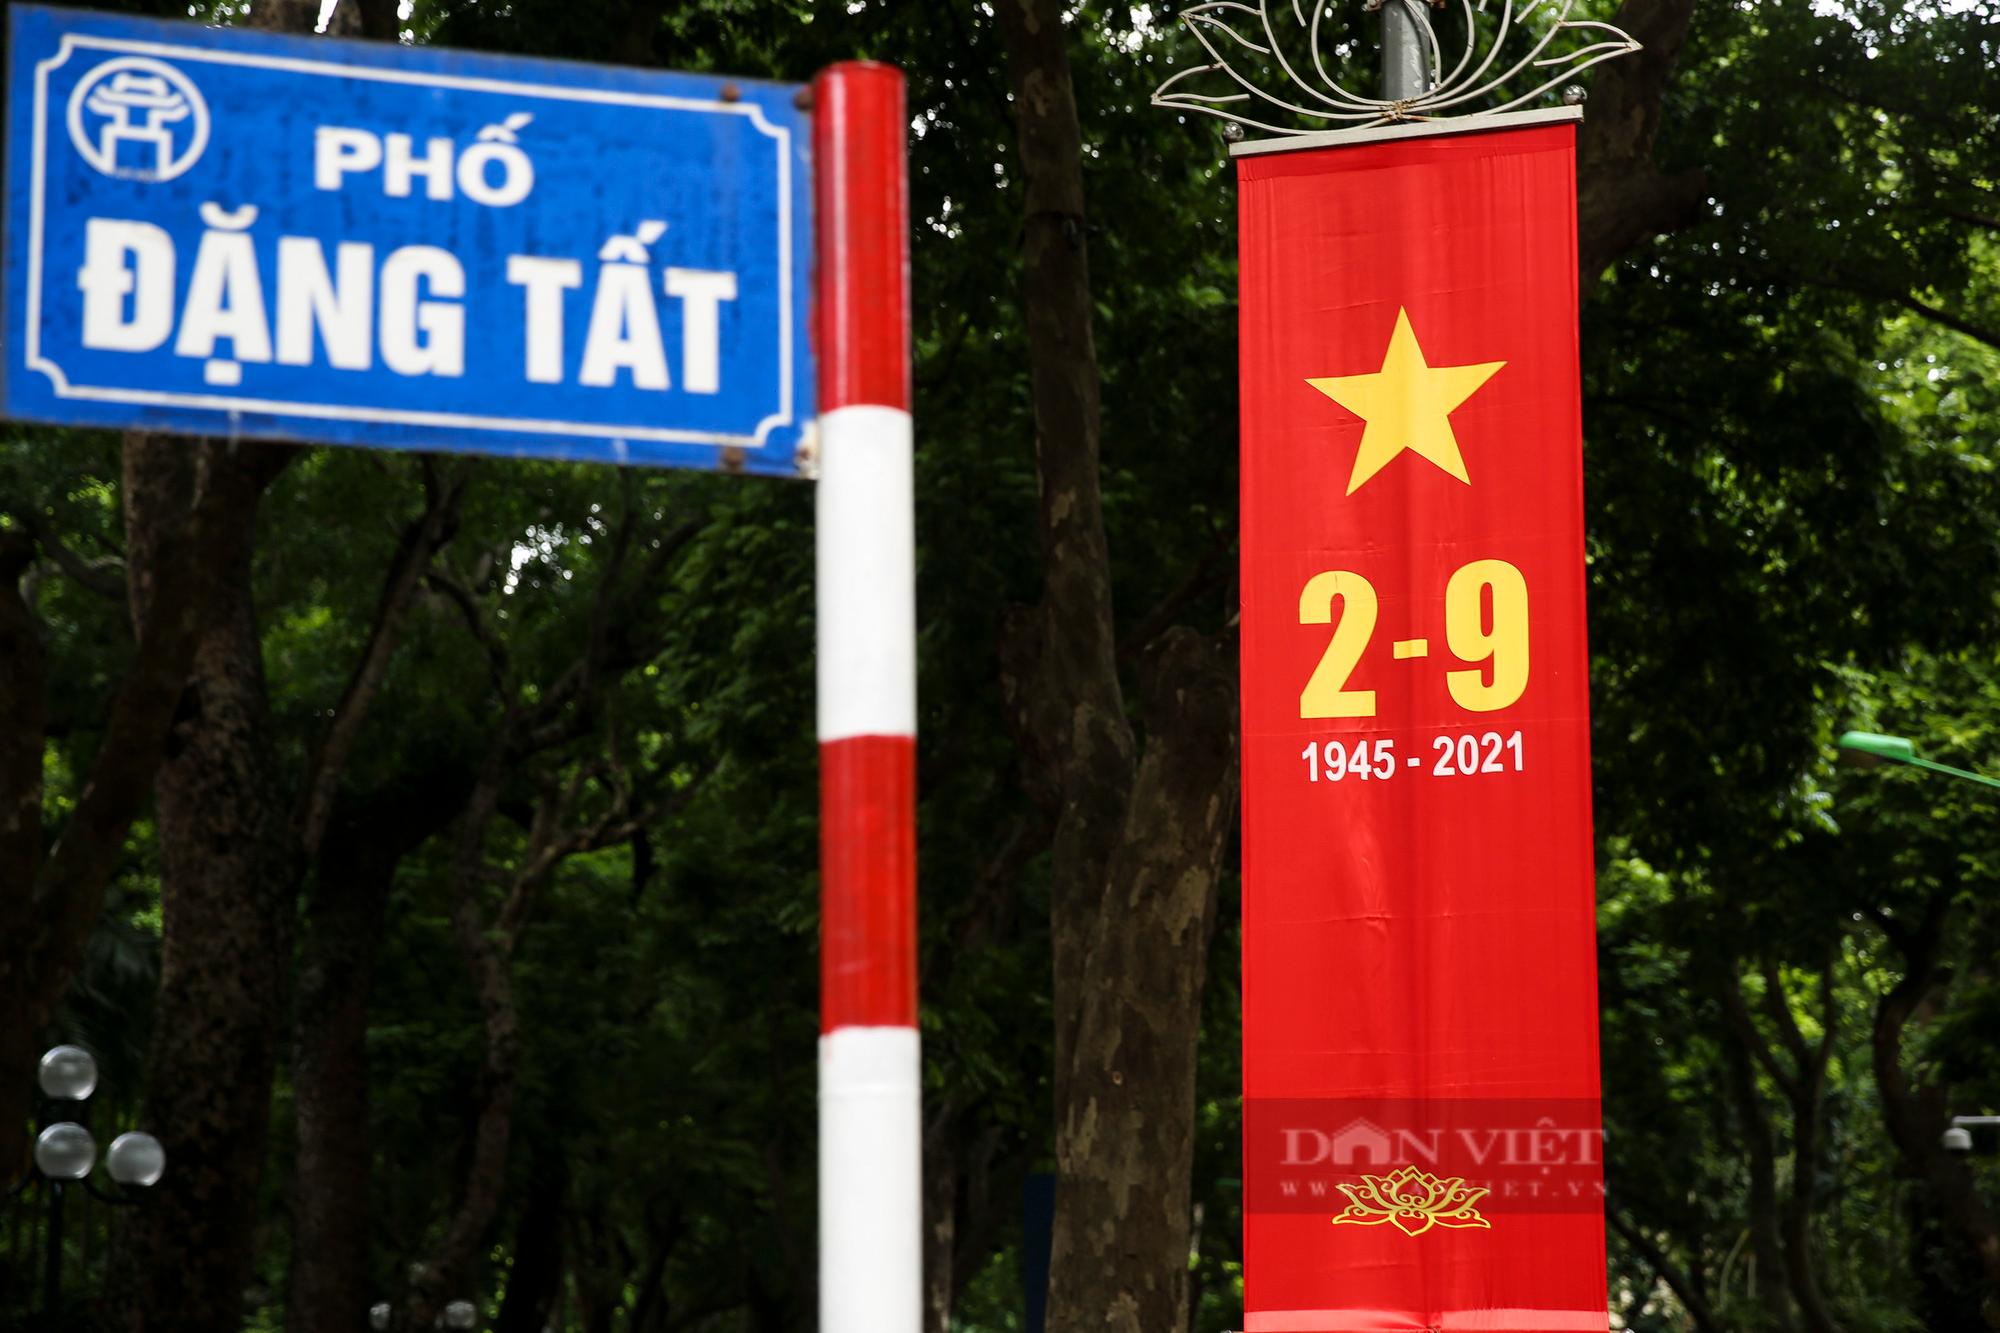 Đường phố Hà Nội rực rỡ sắc đỏ chào mừng Quốc khánh 2/9 - Ảnh 5.